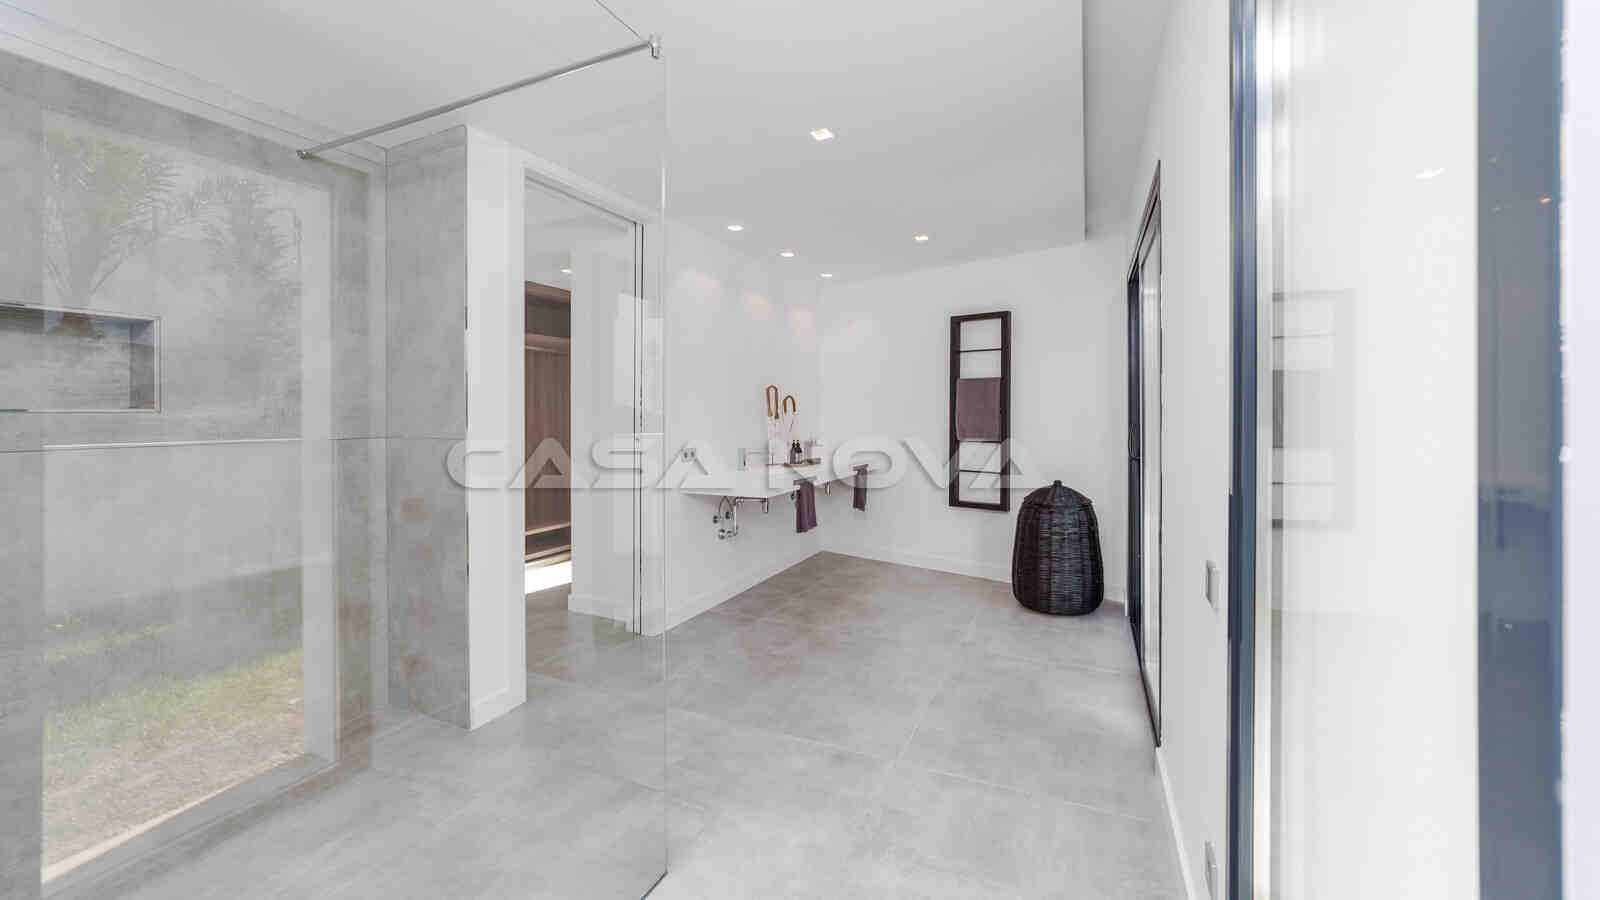 Haupt- Badezimmer mit modernster Ausstattung